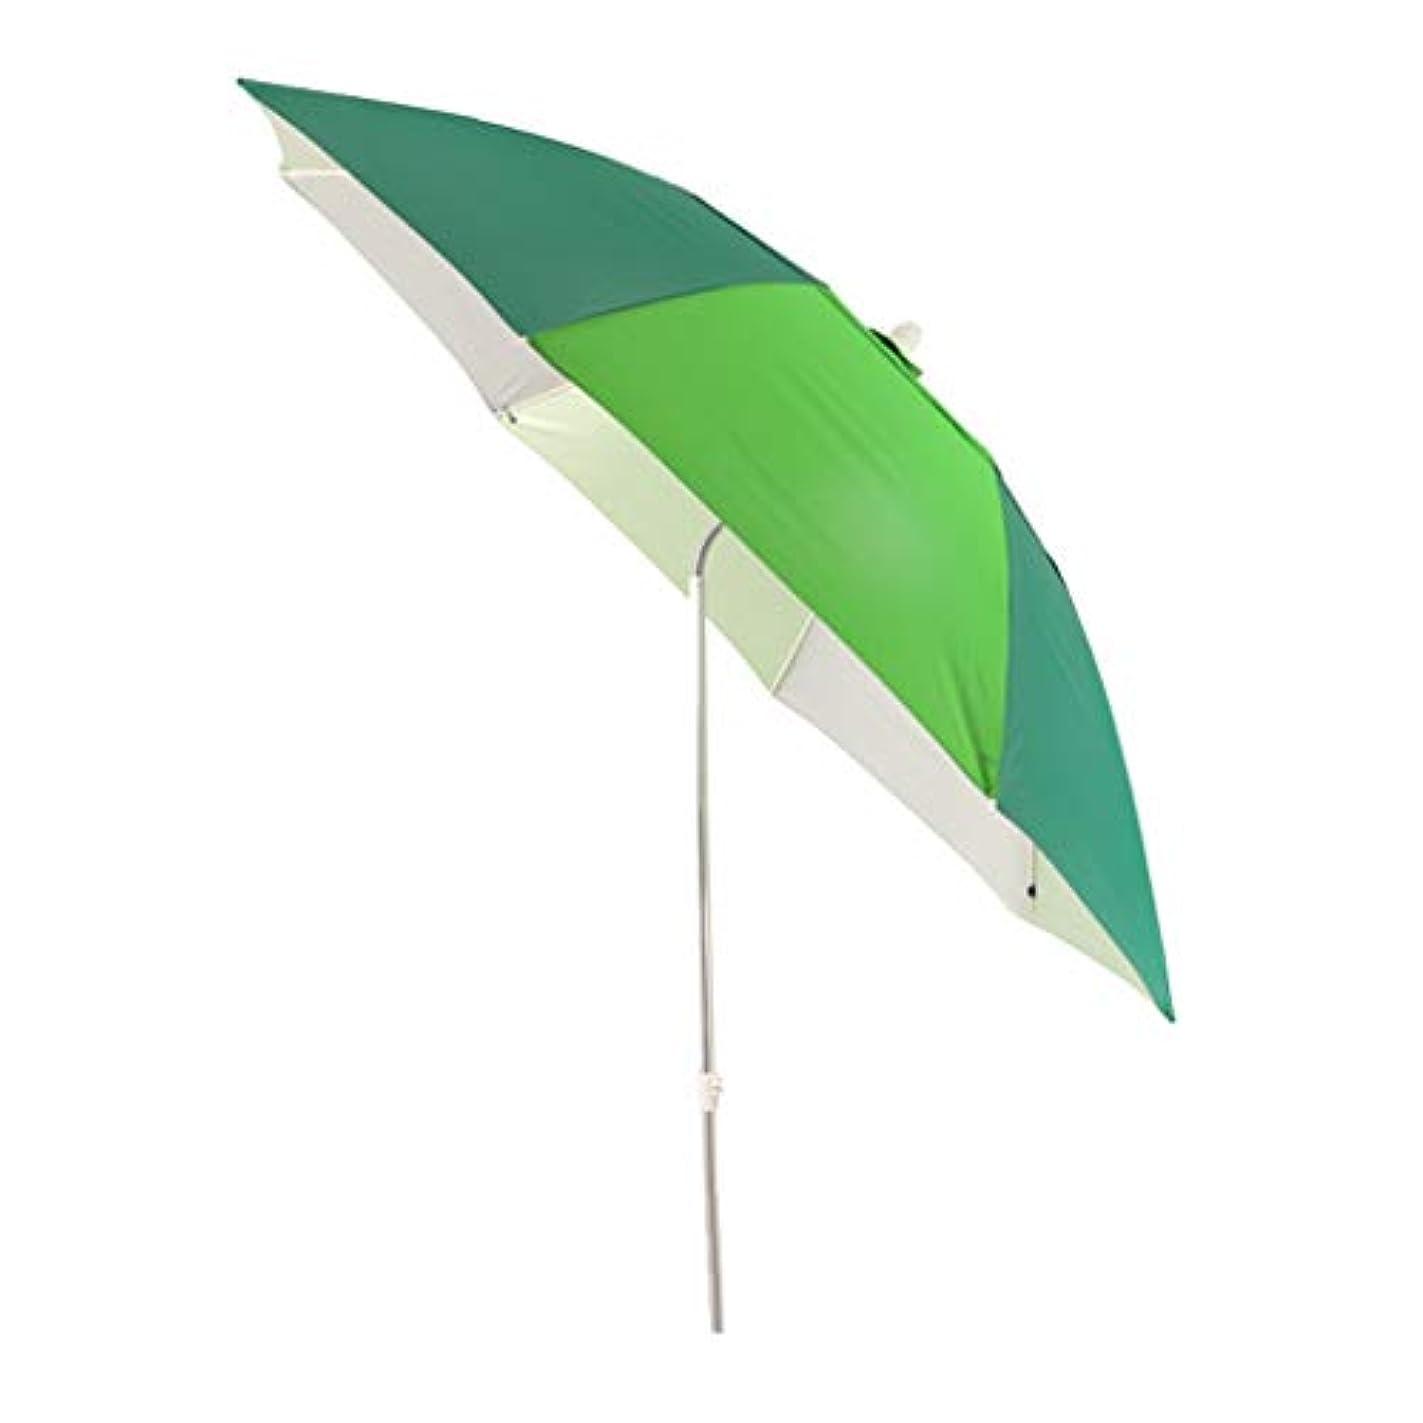 非難する排除コットン太陽傘アルミ合金オックスフォード回転日焼け止め雨折りたたみ傘屋外サンシェード傘 (サイズ さいず : Diameter1.8m)